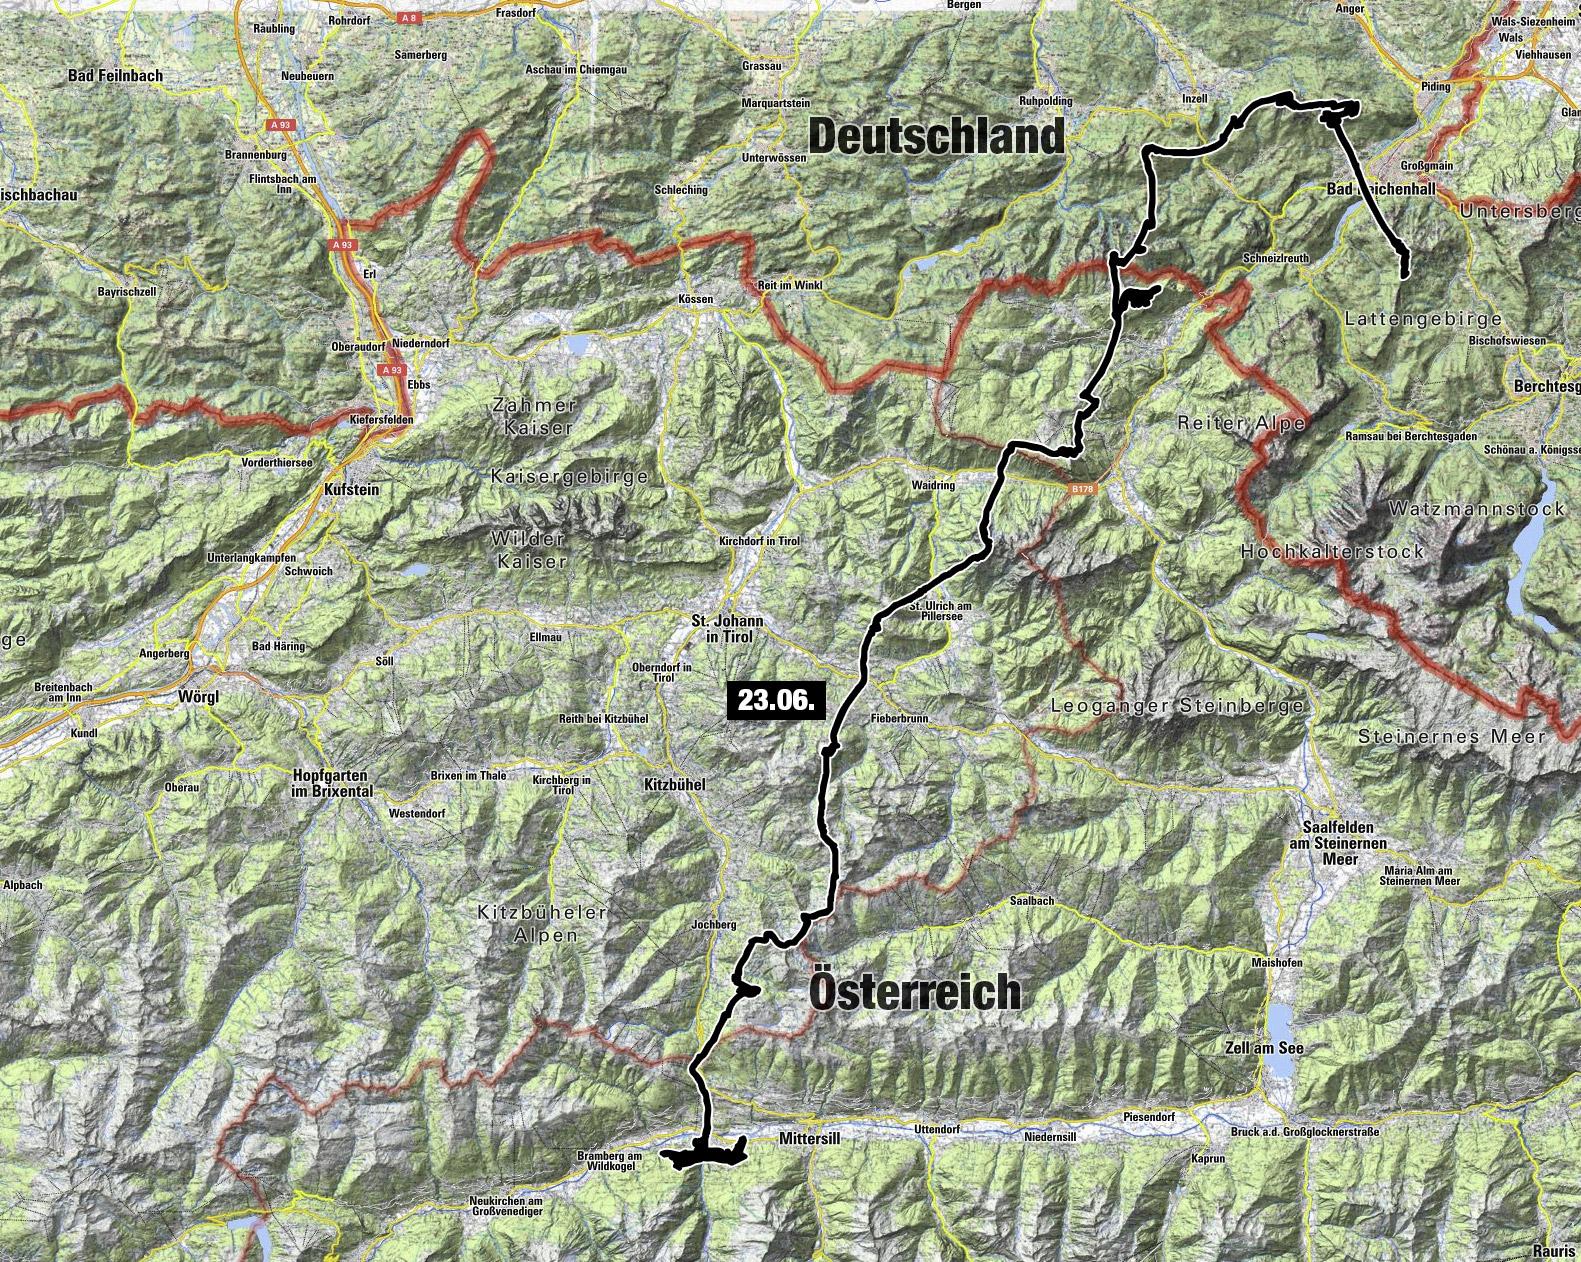 Von Reichenhall nach Hollersbach. Zefix – das war anders geplant…